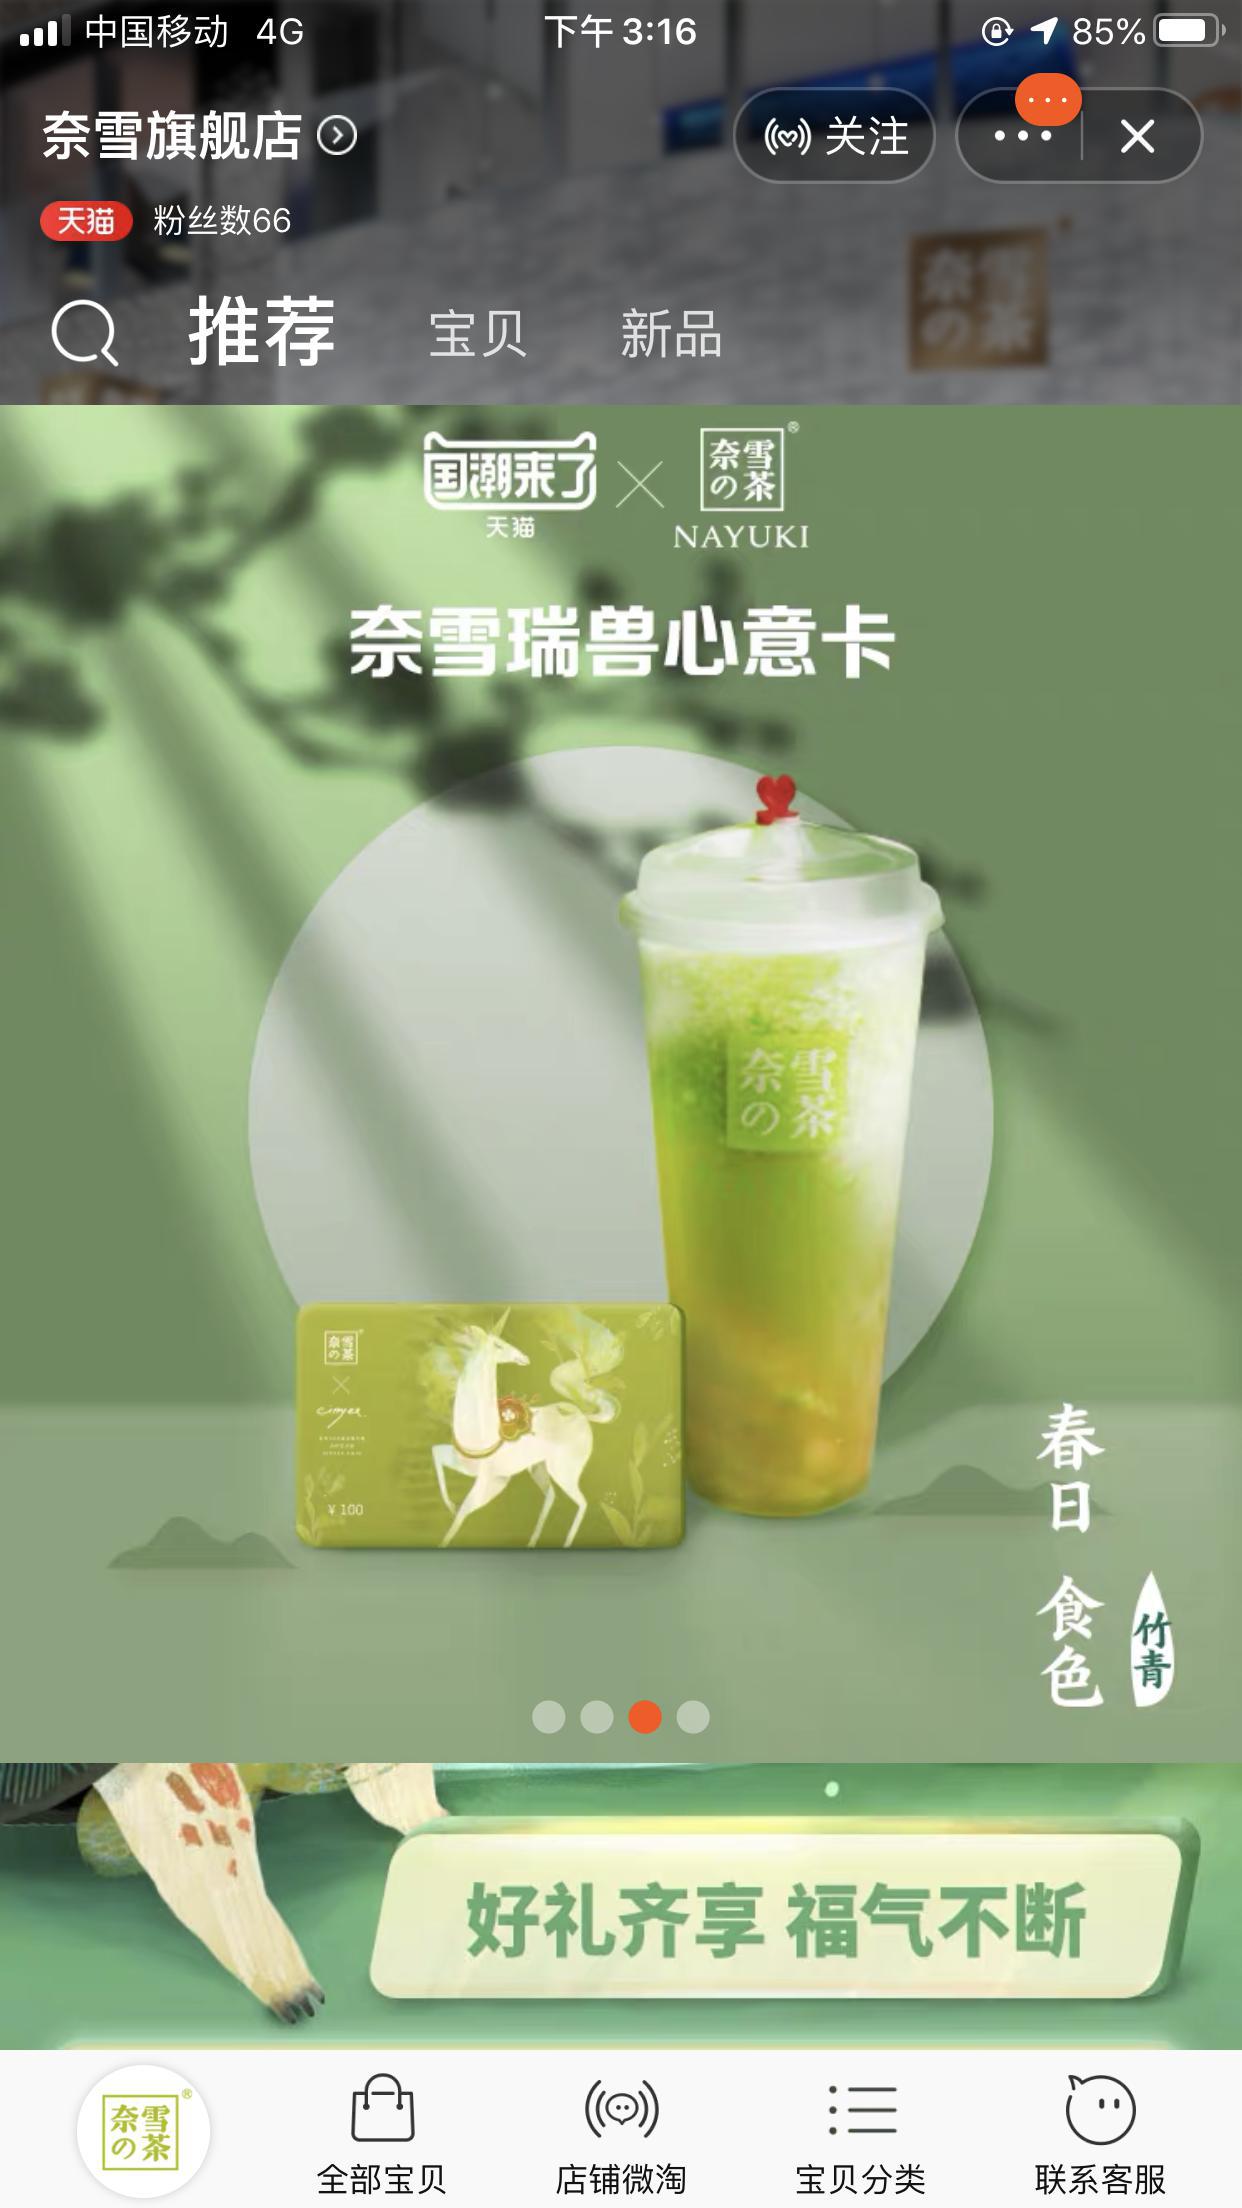 奈雪的茶正式登陆天猫,加速布局数字化新零售图片